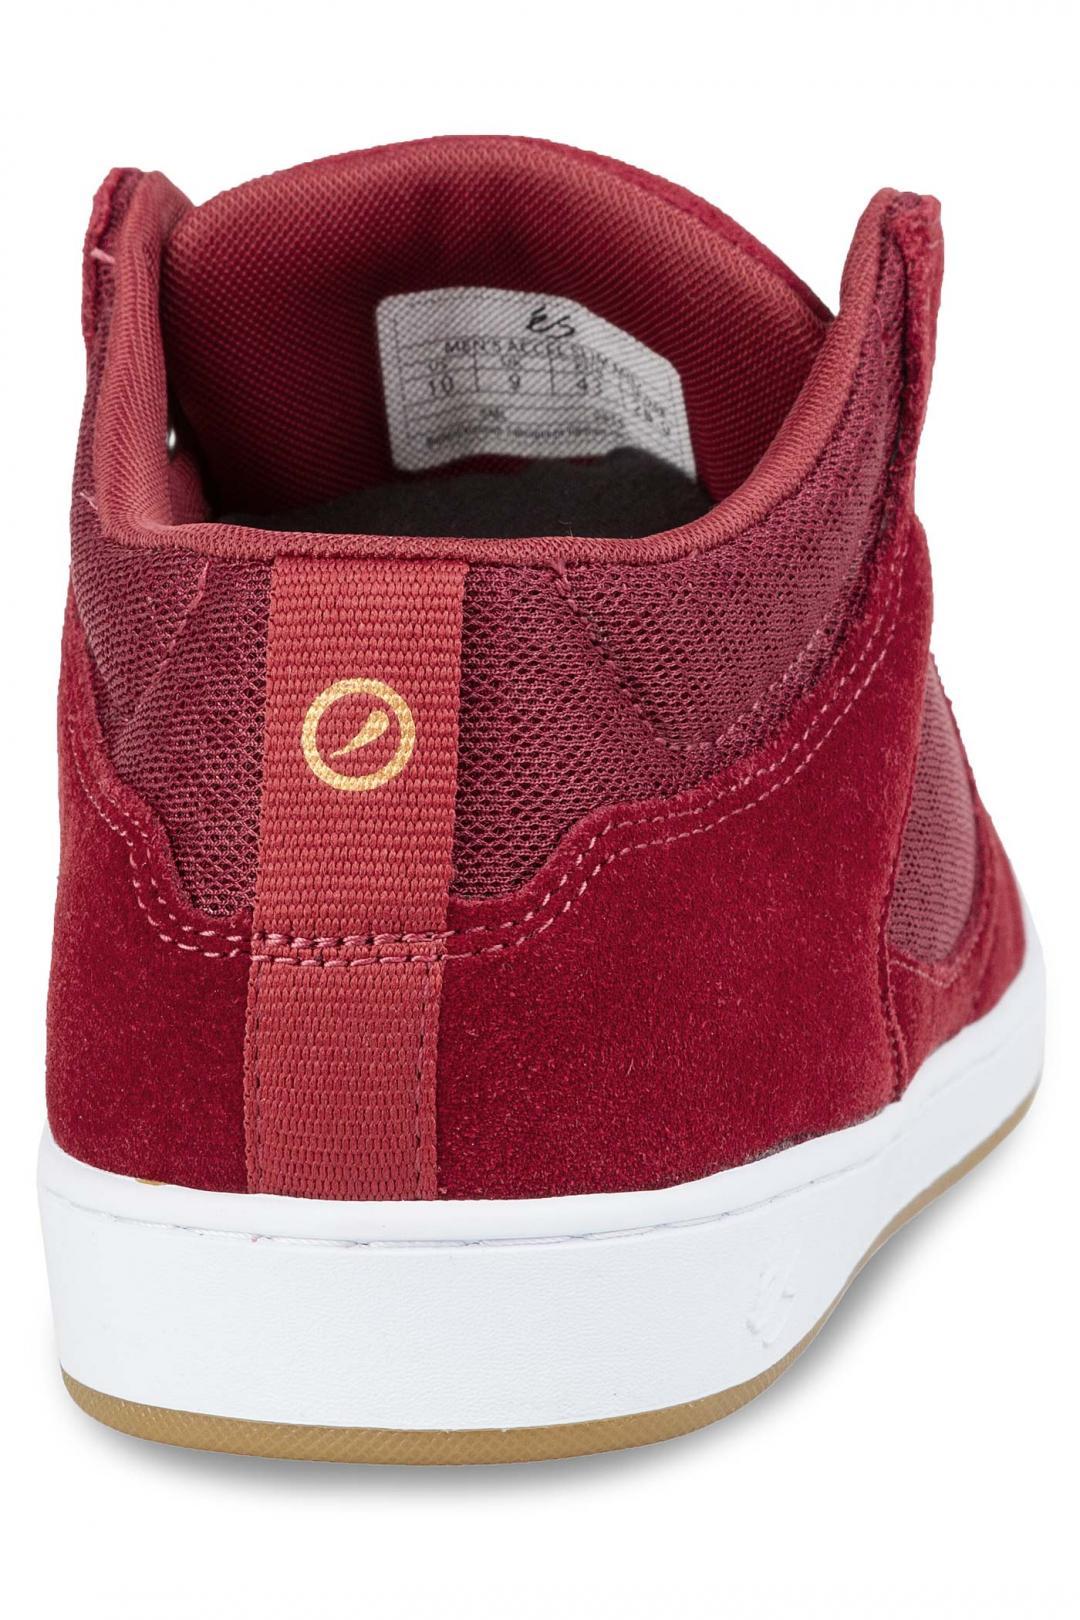 Uomo éS Accel Slim Mid burgundy   Sneaker